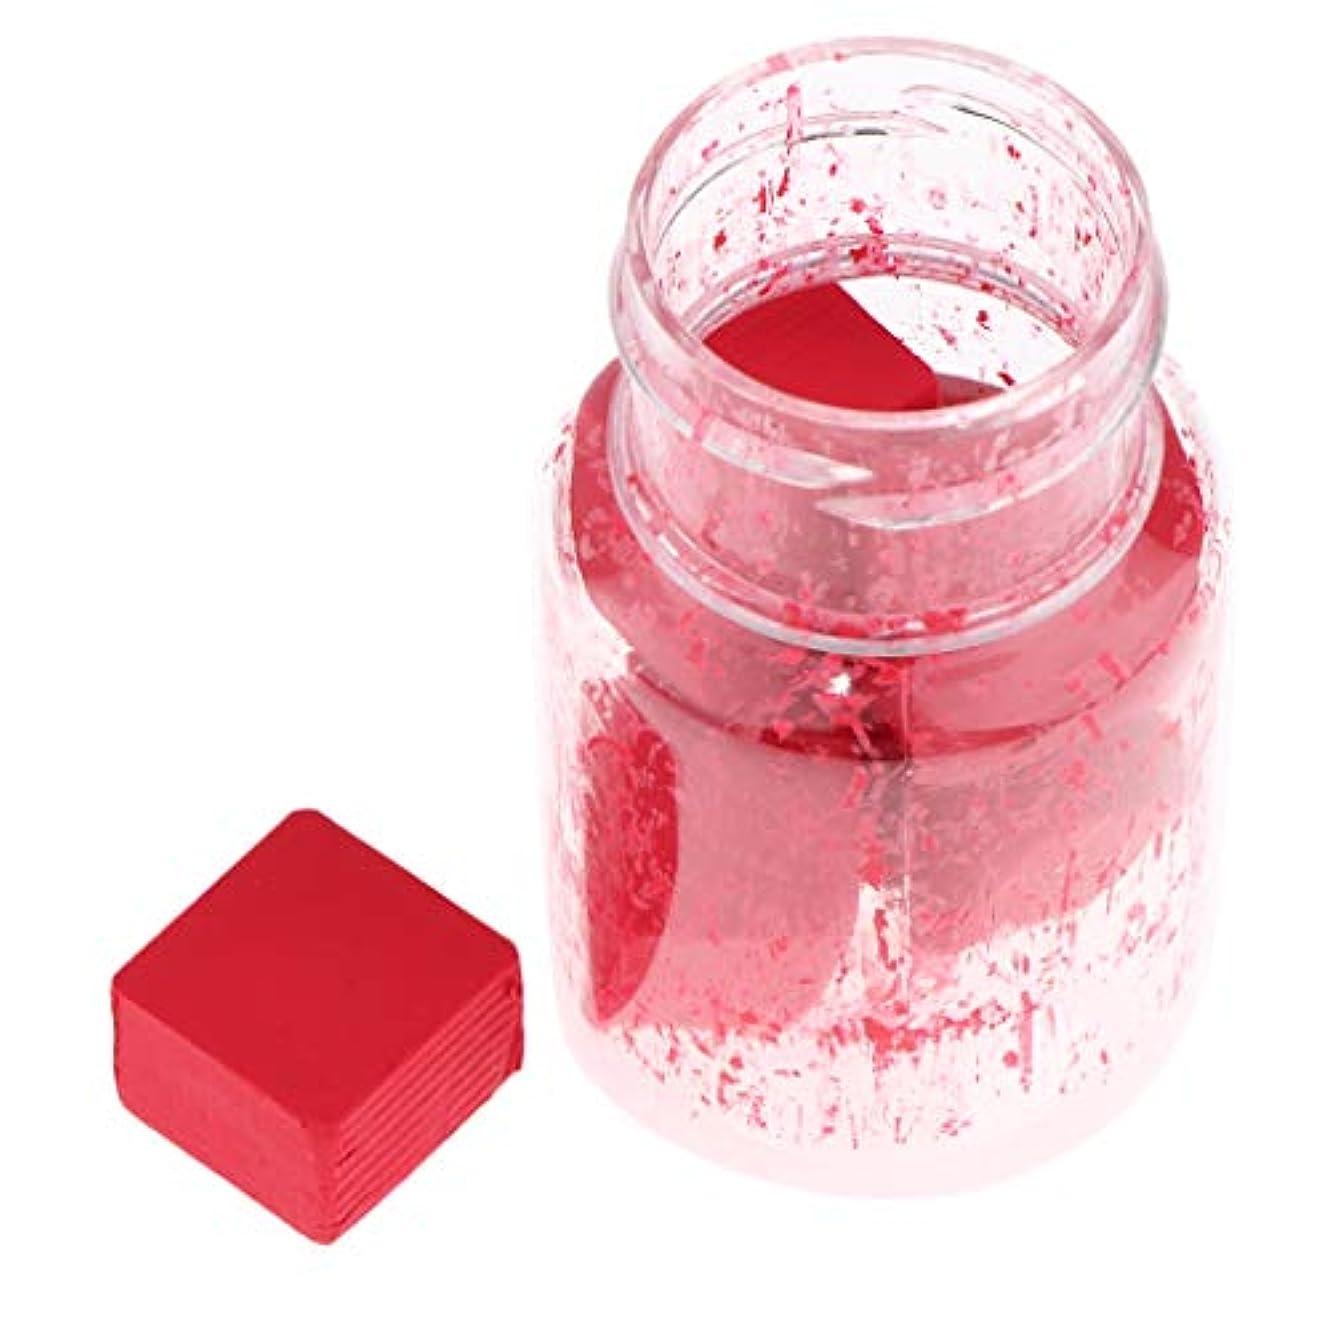 糞救援メンテナンスT TOOYFUL DIY 口紅作り リップスティック材料 リップライナー顔料 2g DIY化粧品 9色選択でき - B